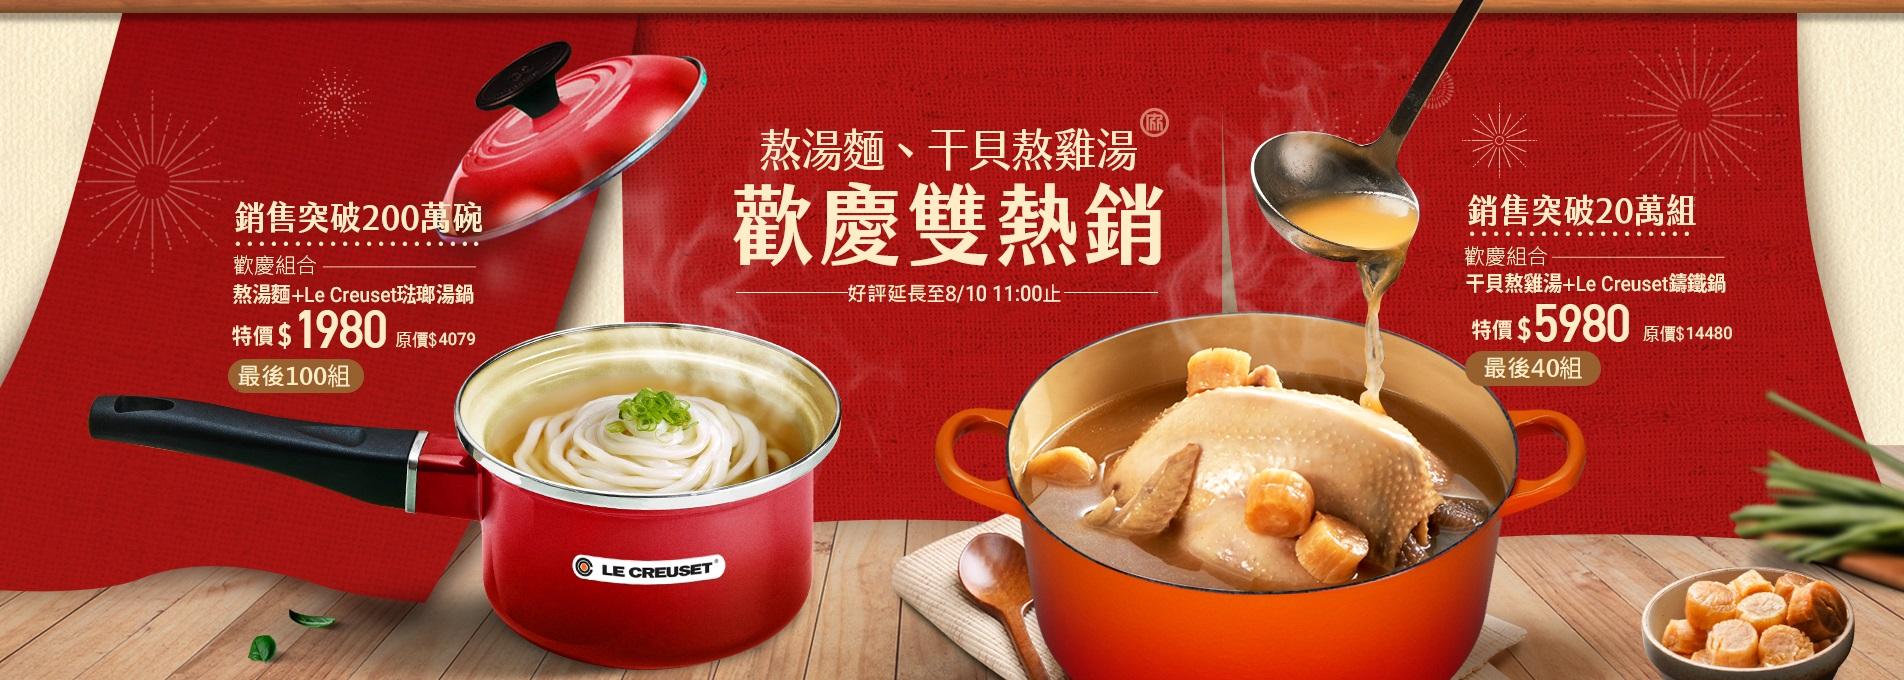 干貝熬雞湯+Le Creuset琺瑯鑄鐵鍋22cm(櫻桃紅)